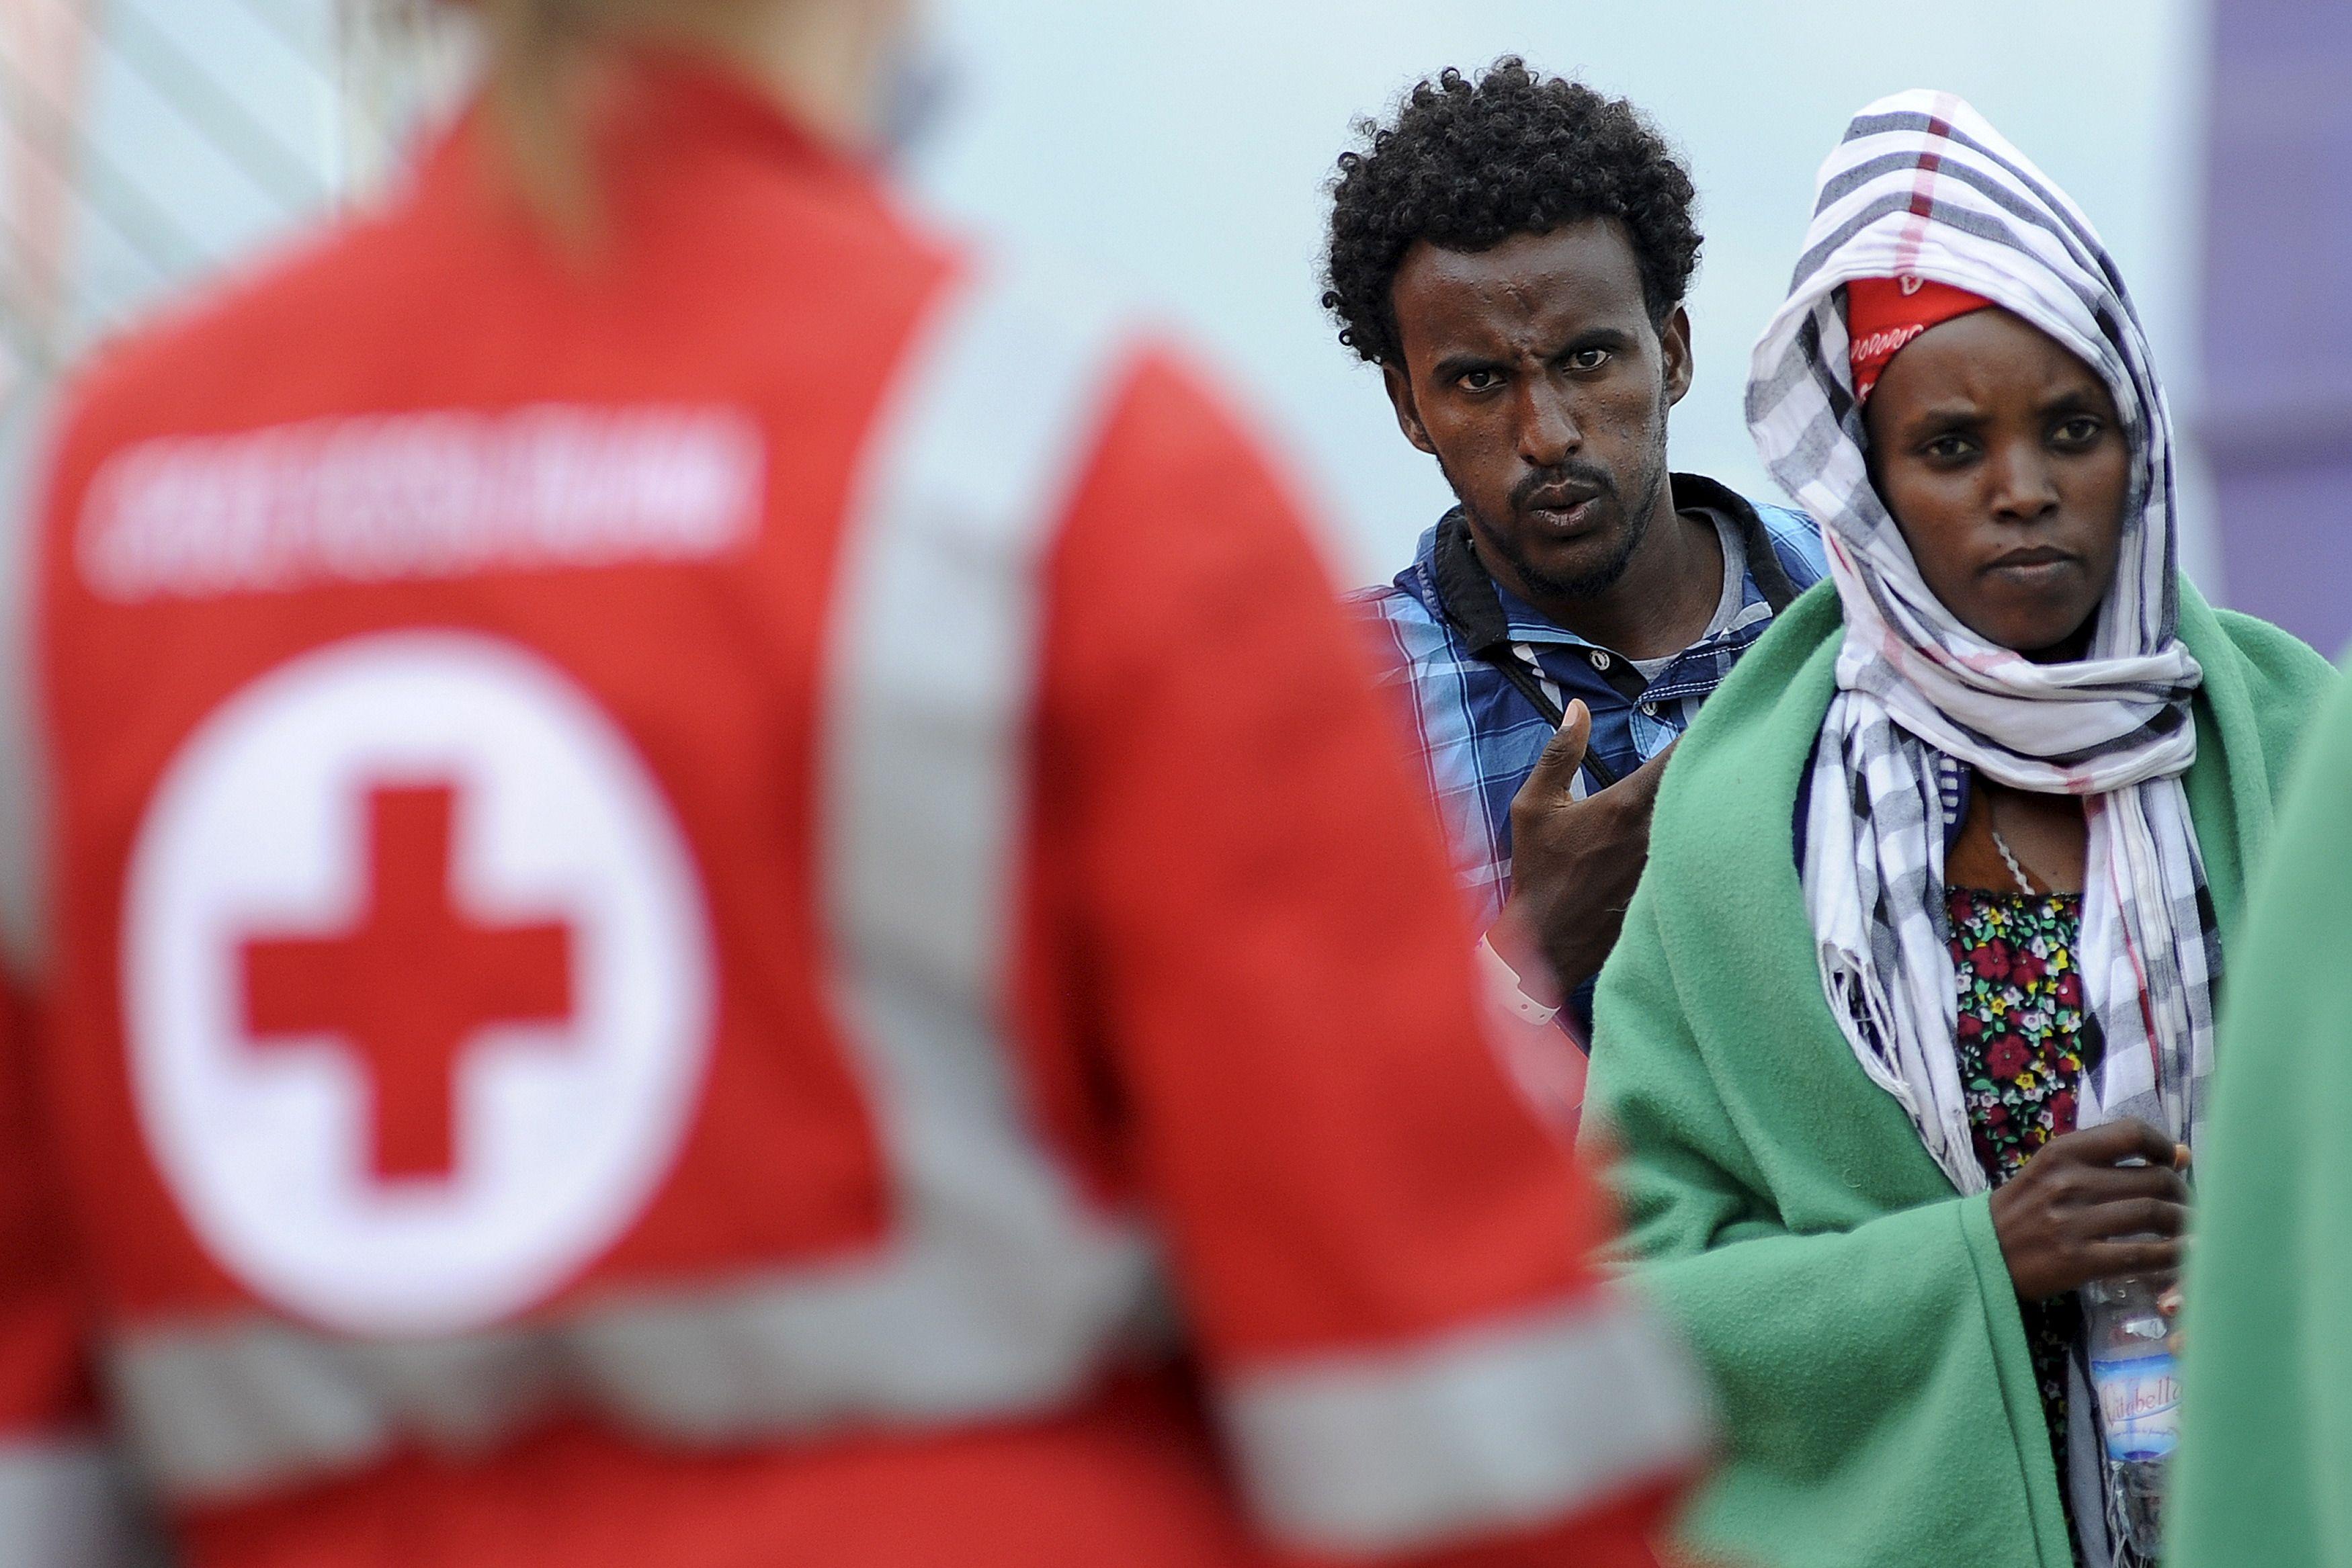 Le Qatar n'y est pas pour rien dans le malheur qui frappe des millions de réfugiés syriens et irakiens.